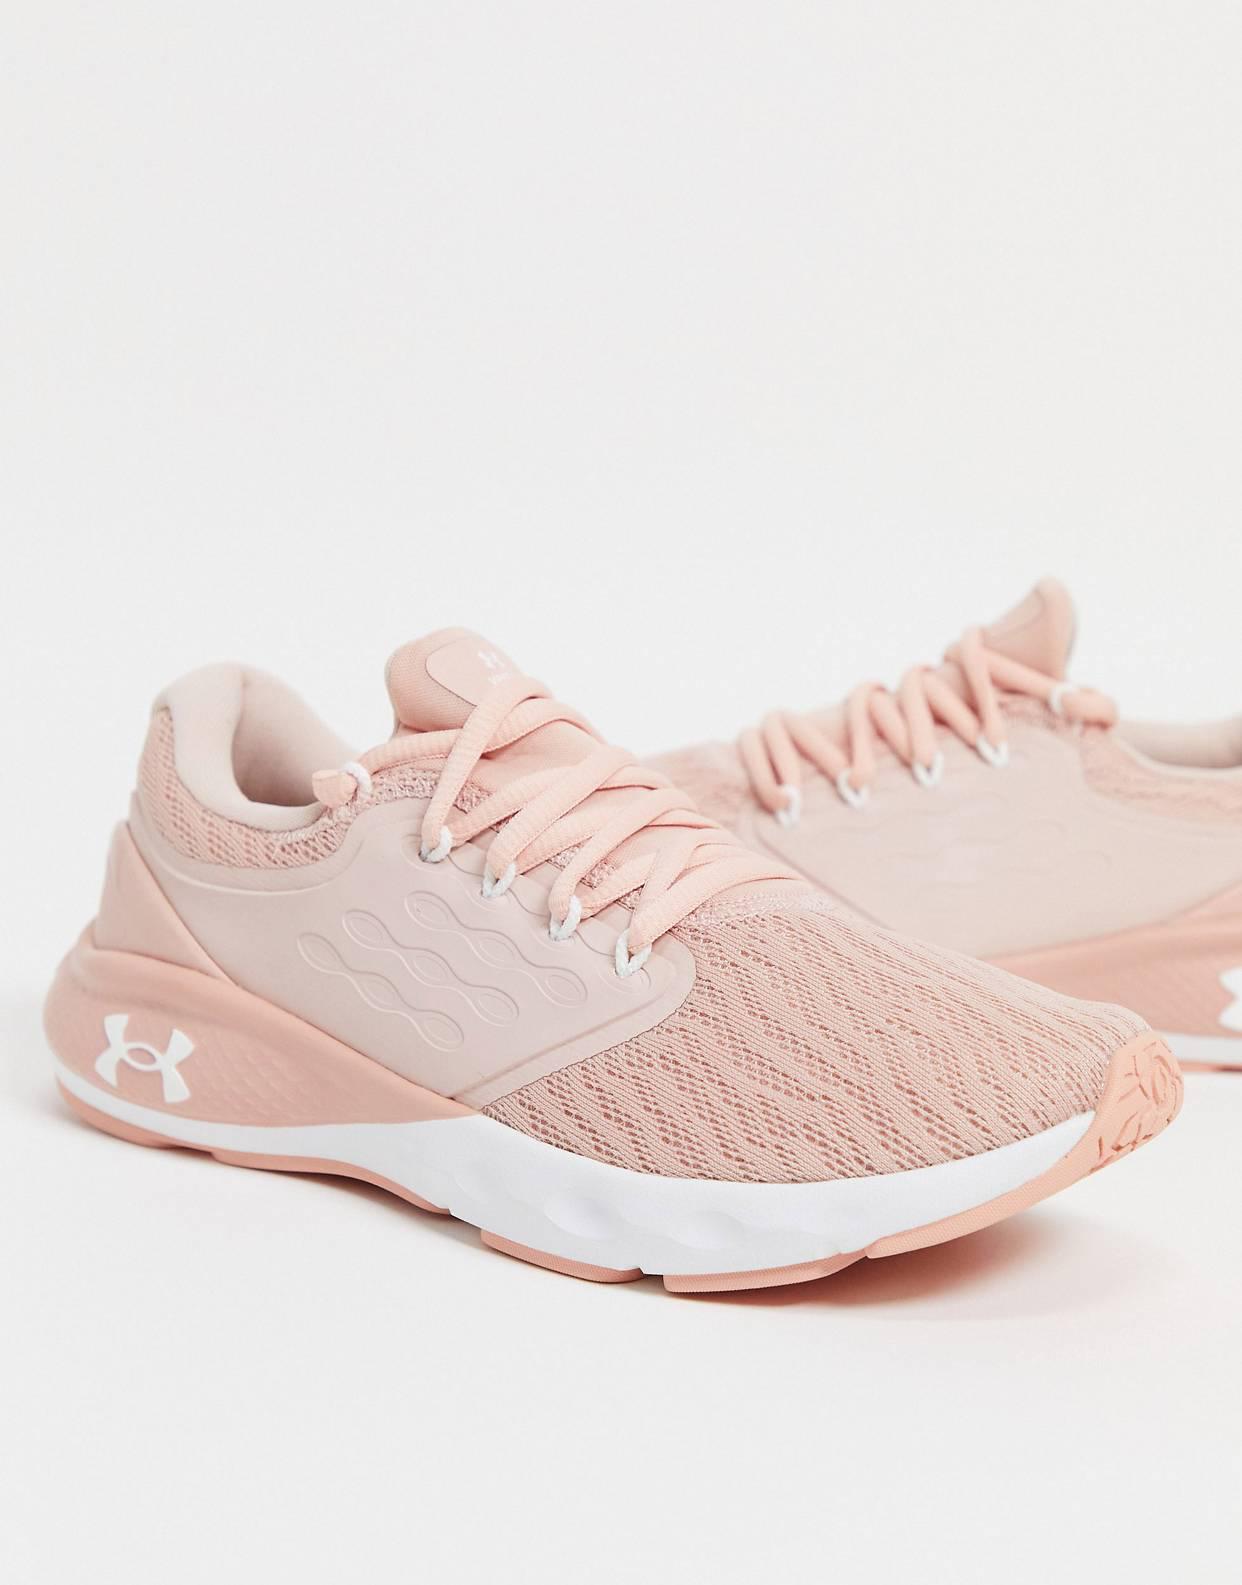 Zapatillas de deporte rosas Charged Vantage de Under Armour Running